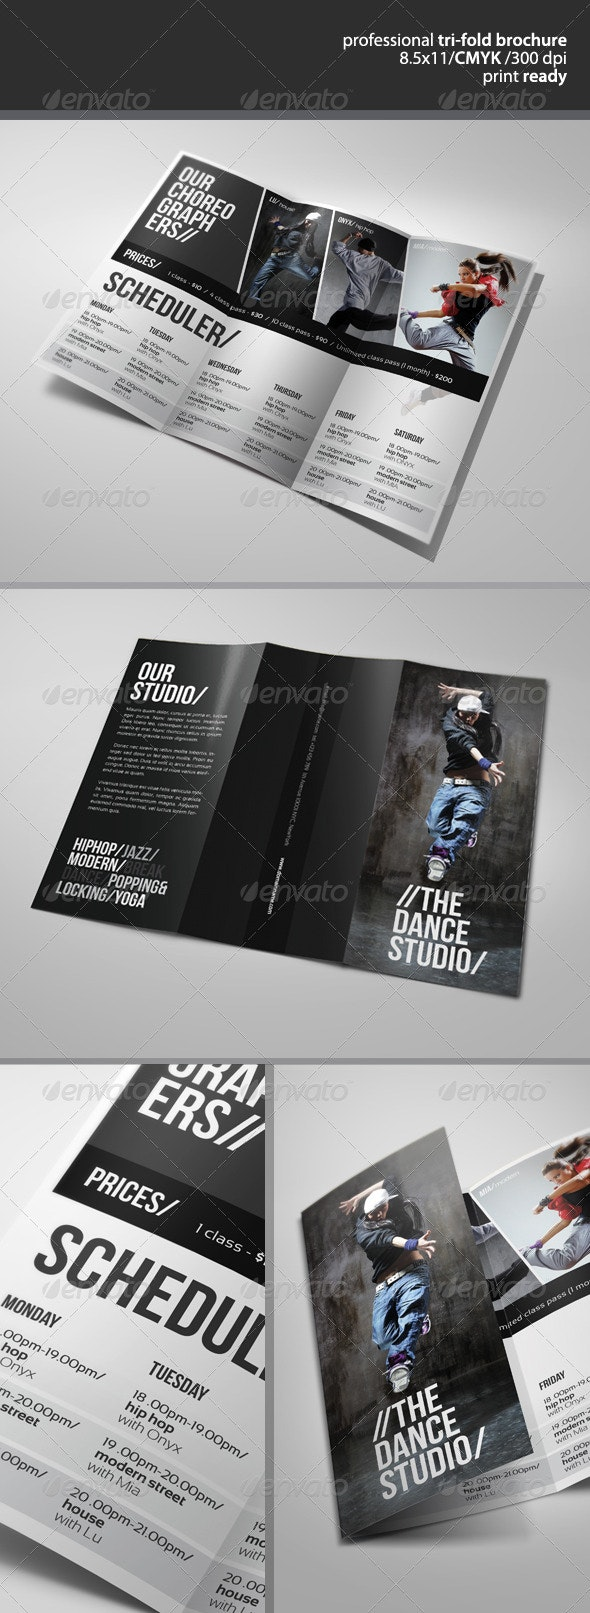 Dance Studio Brochure 2  - Corporate Brochures